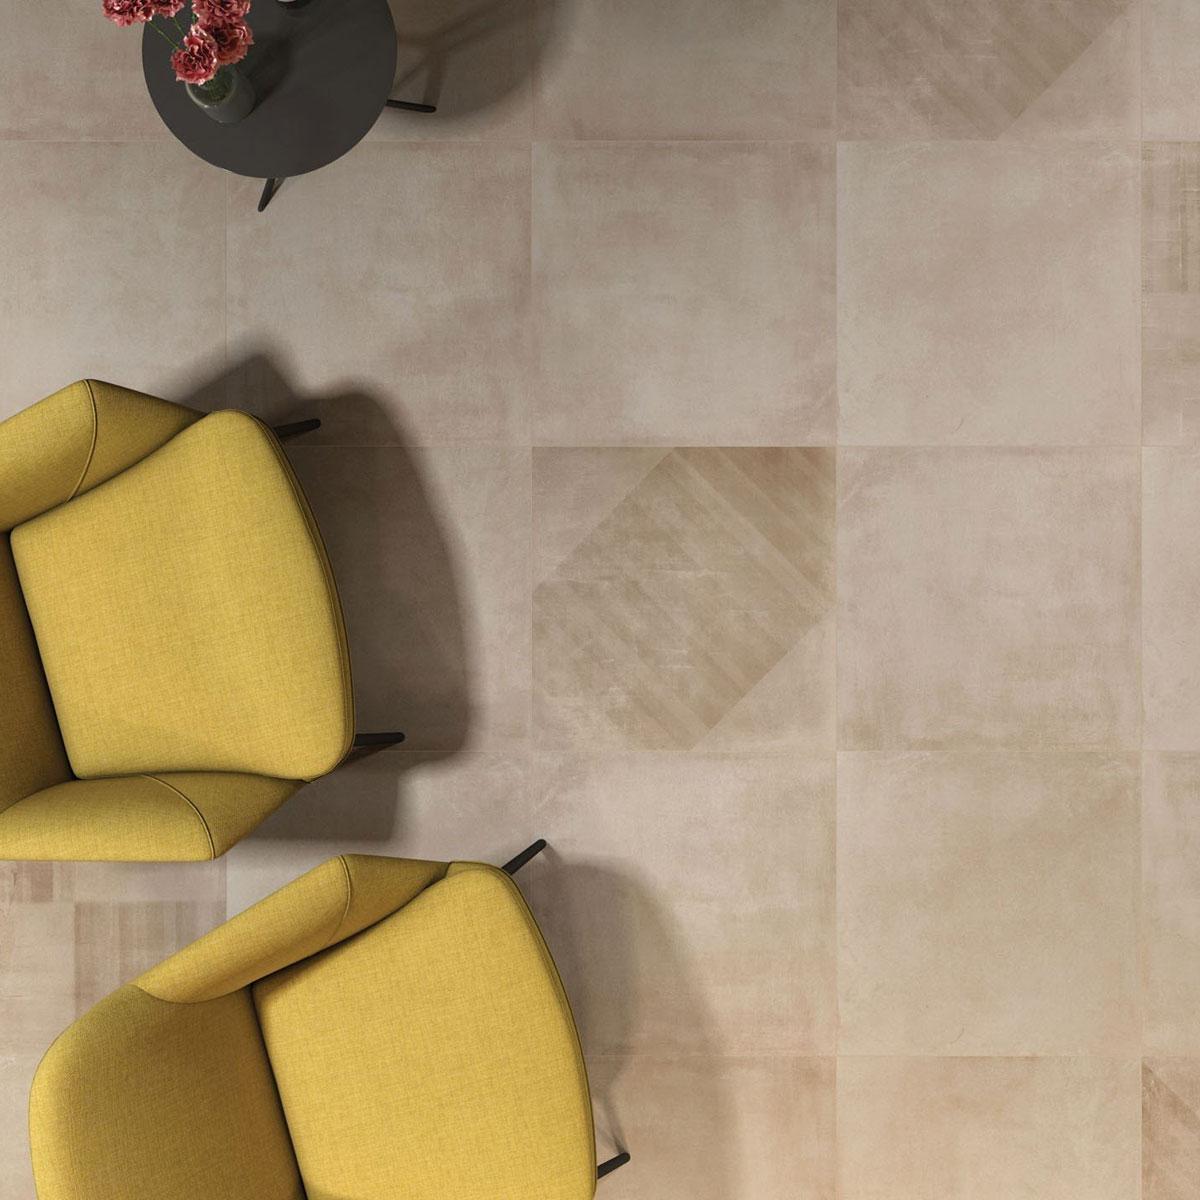 Basic Concrete - Beige - Concrete Look Tiles - Stone3 Brisbane